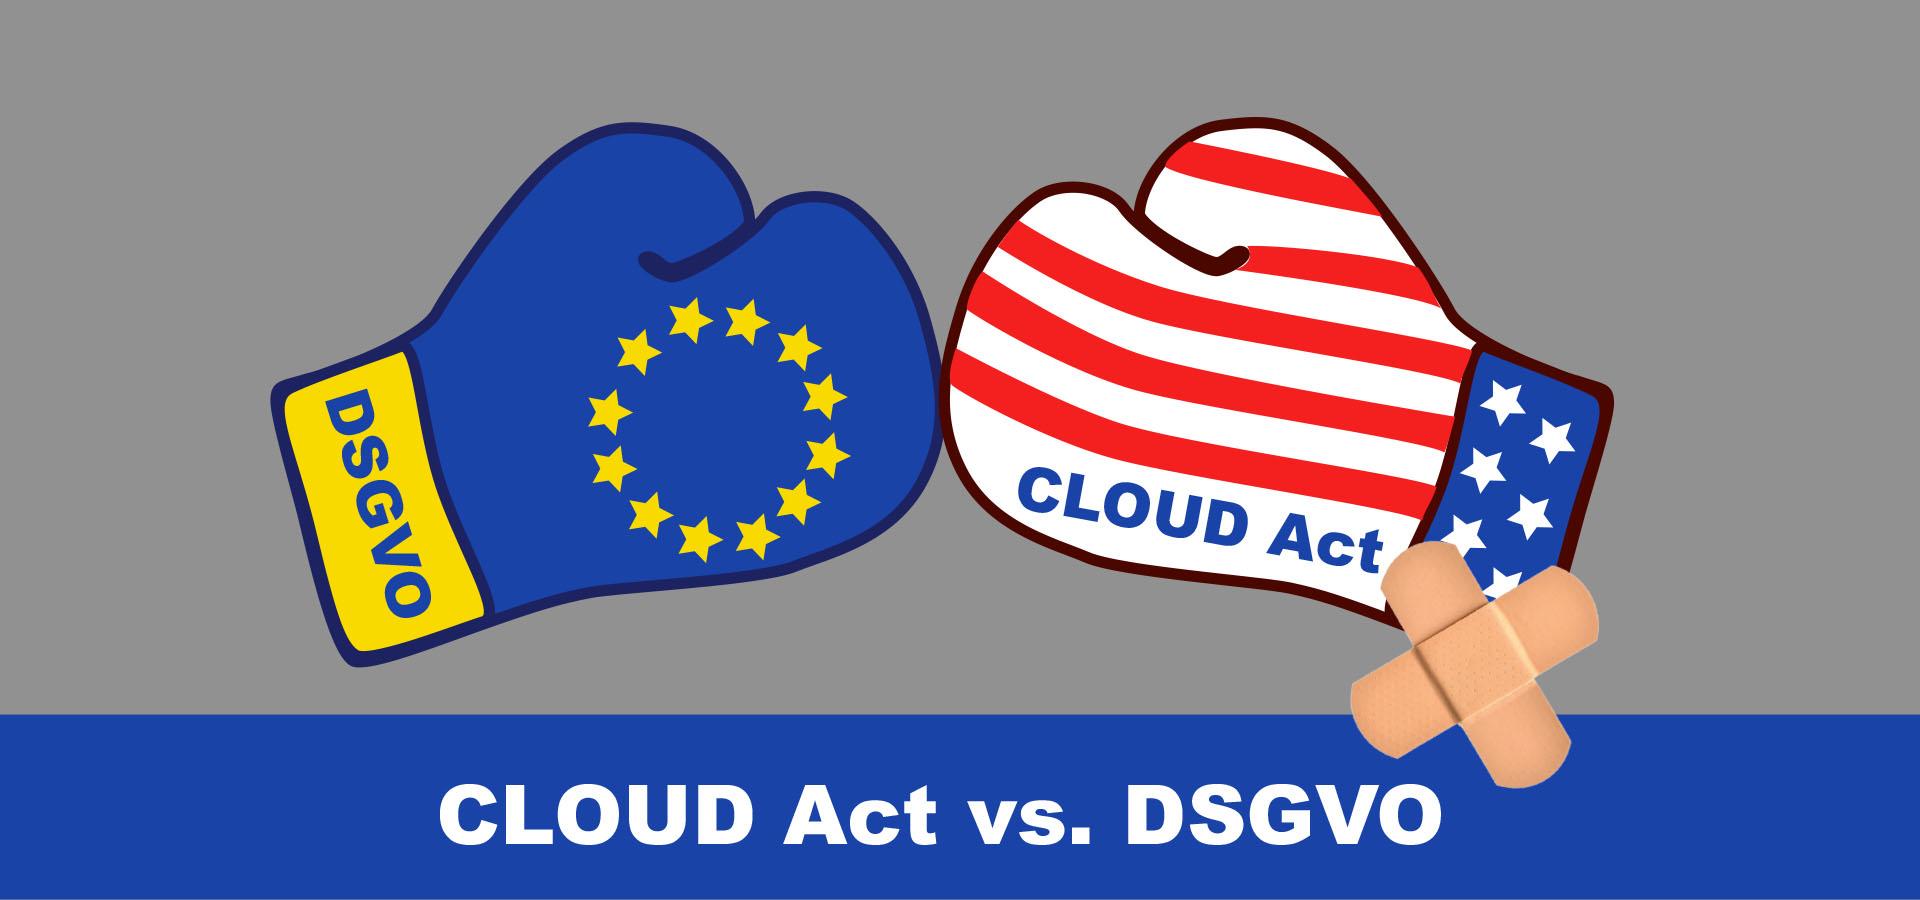 Europäischer Datenschutz vs. CLOUD Act und Privacy Shield